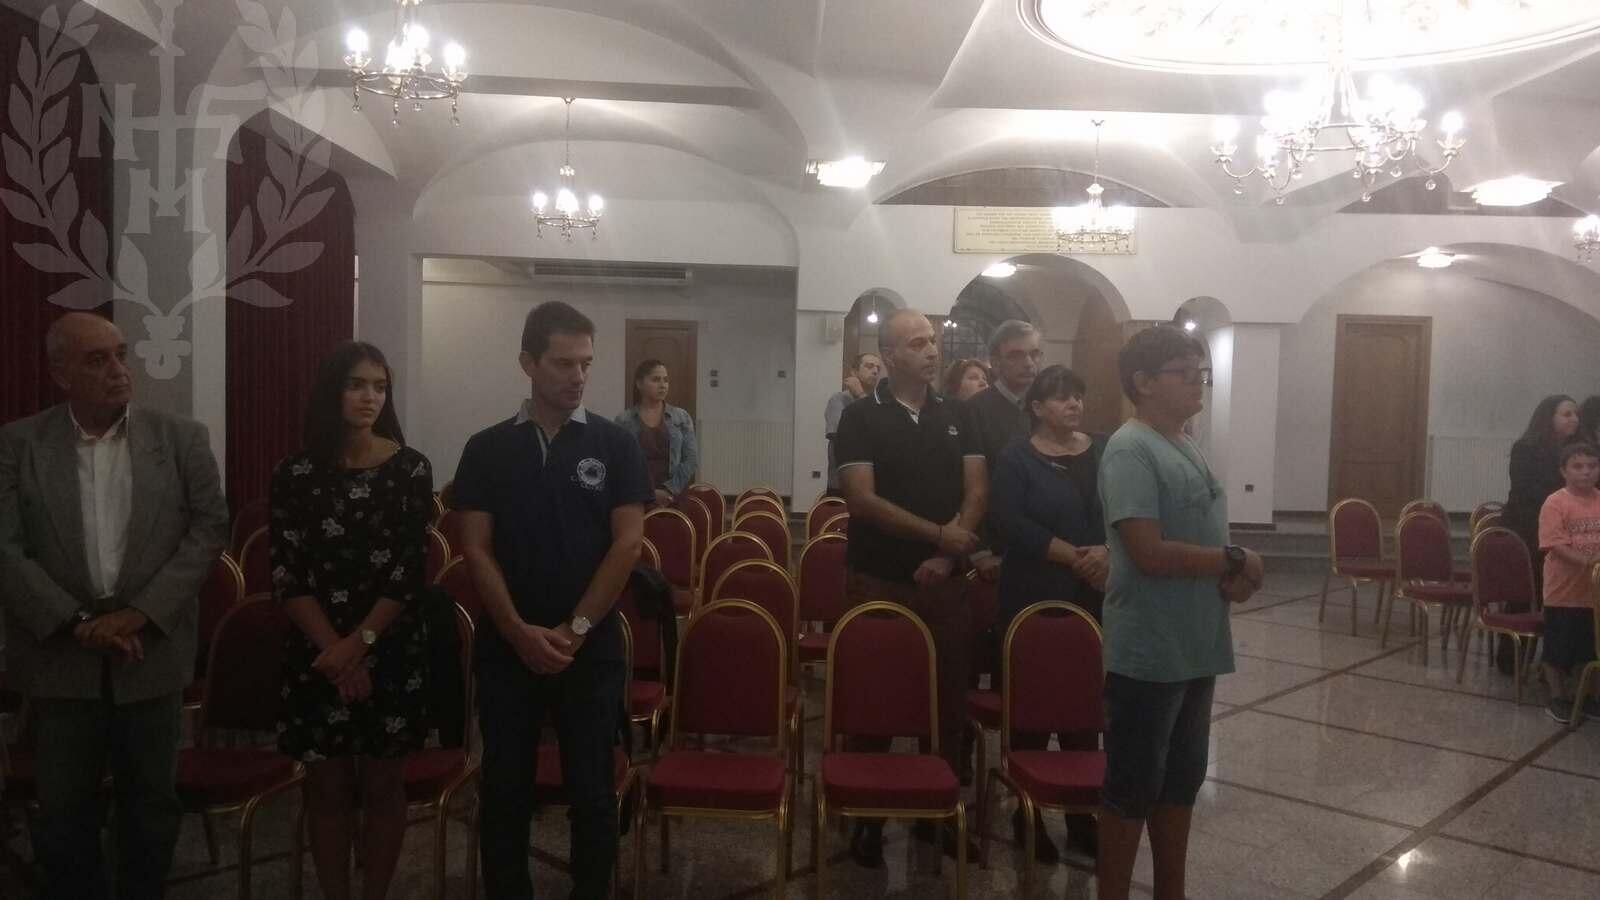 Μητροπολίτης Βαρνάβας Αγιασμός στη Σχολή Βυζαντινής Μουσικής